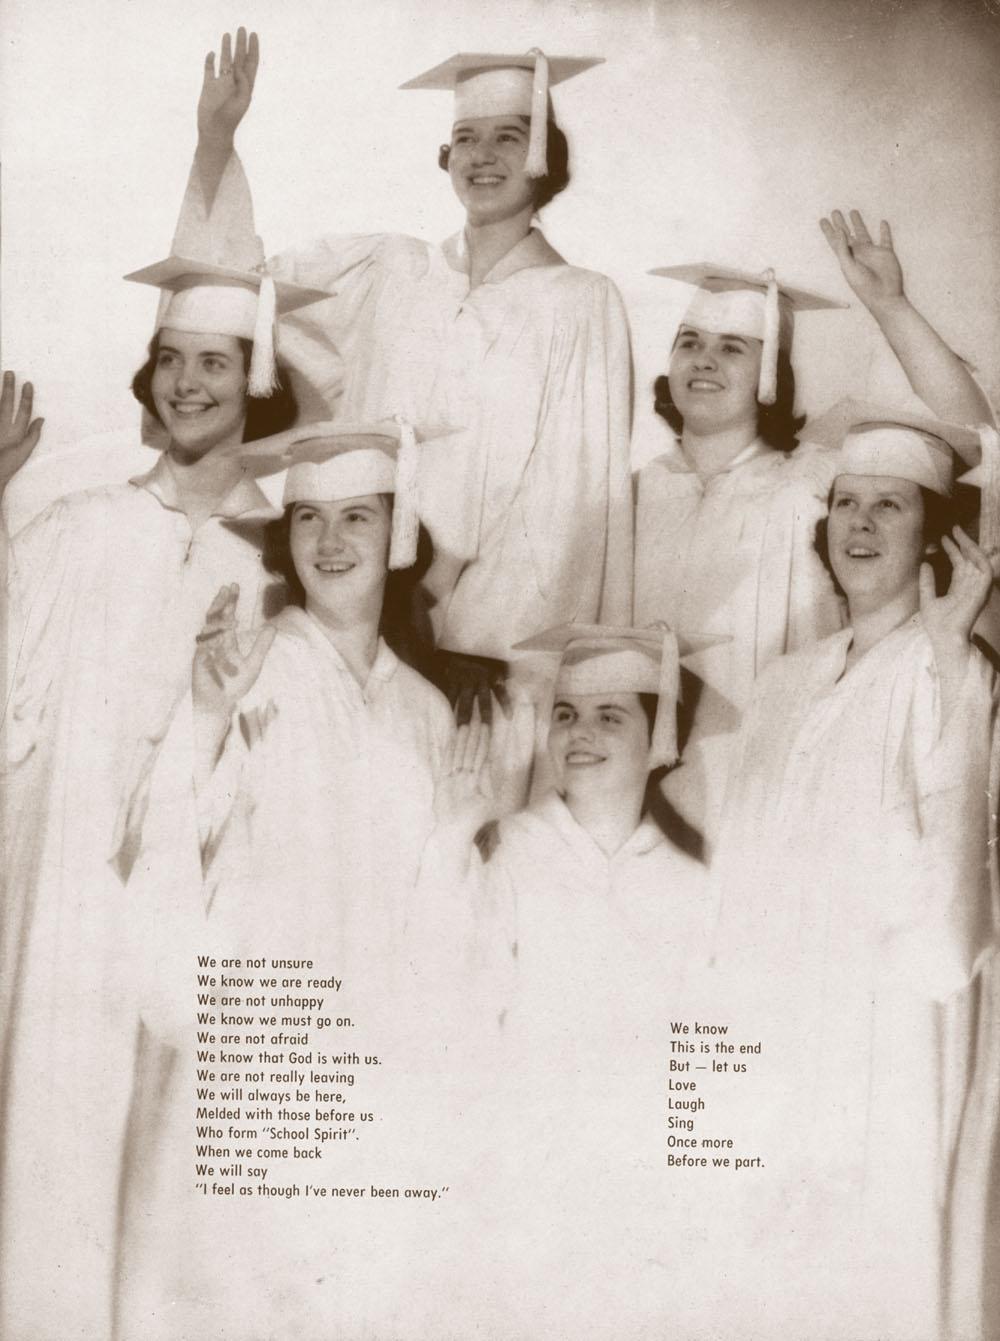 Aquinas Dominican High School - Taquin '60 - Class of 1962 - Waving